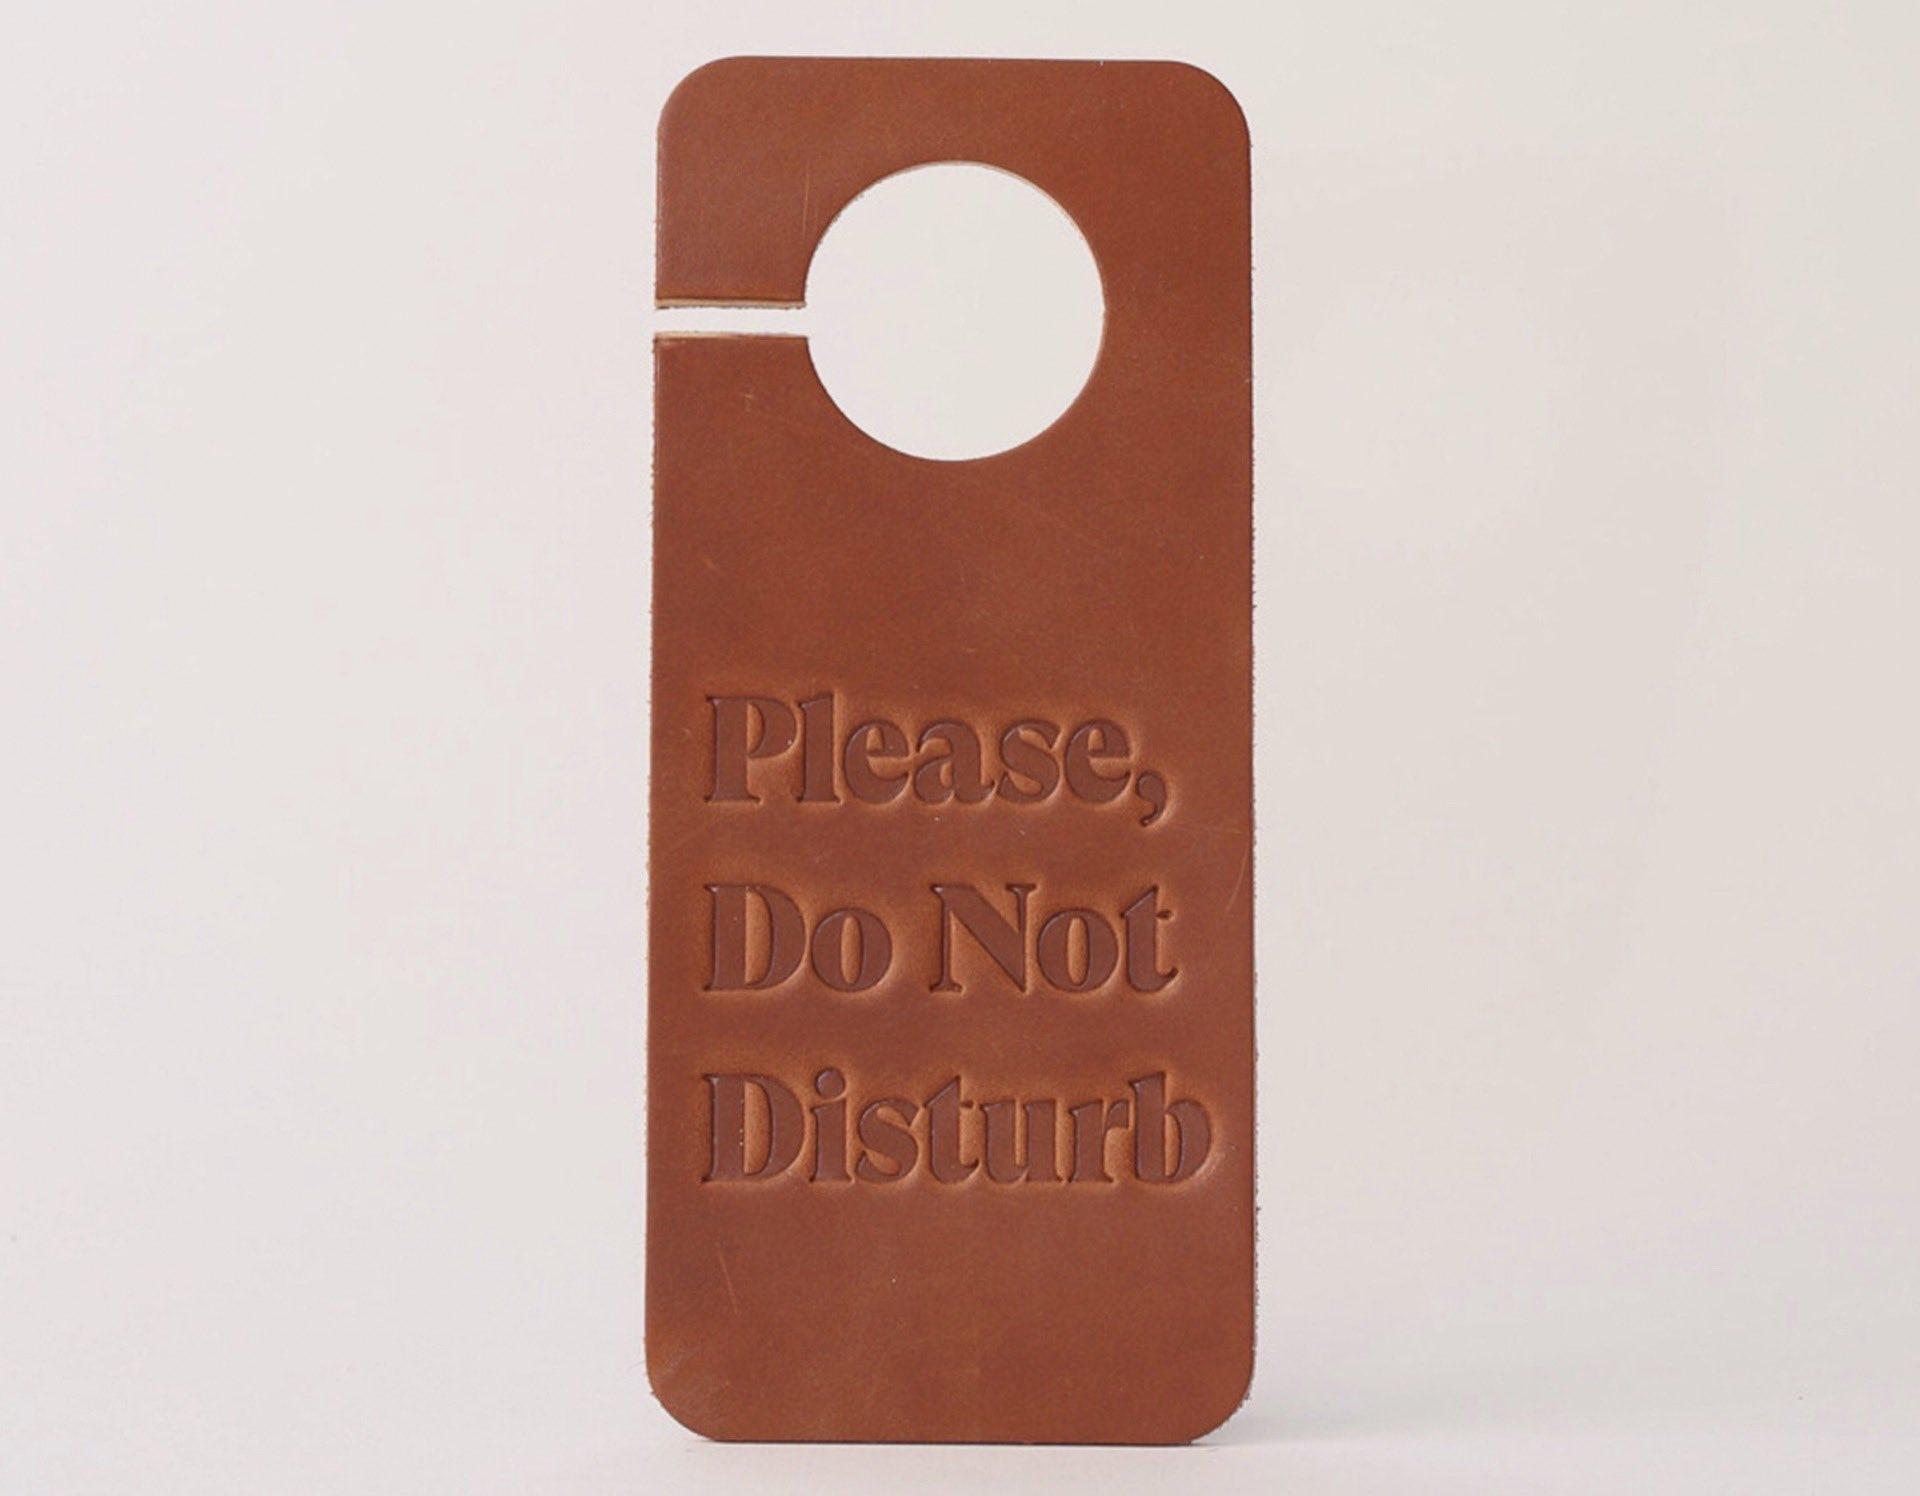 foxtrot-supply-co-do-not-disturb-leather-door-hangs-cognac